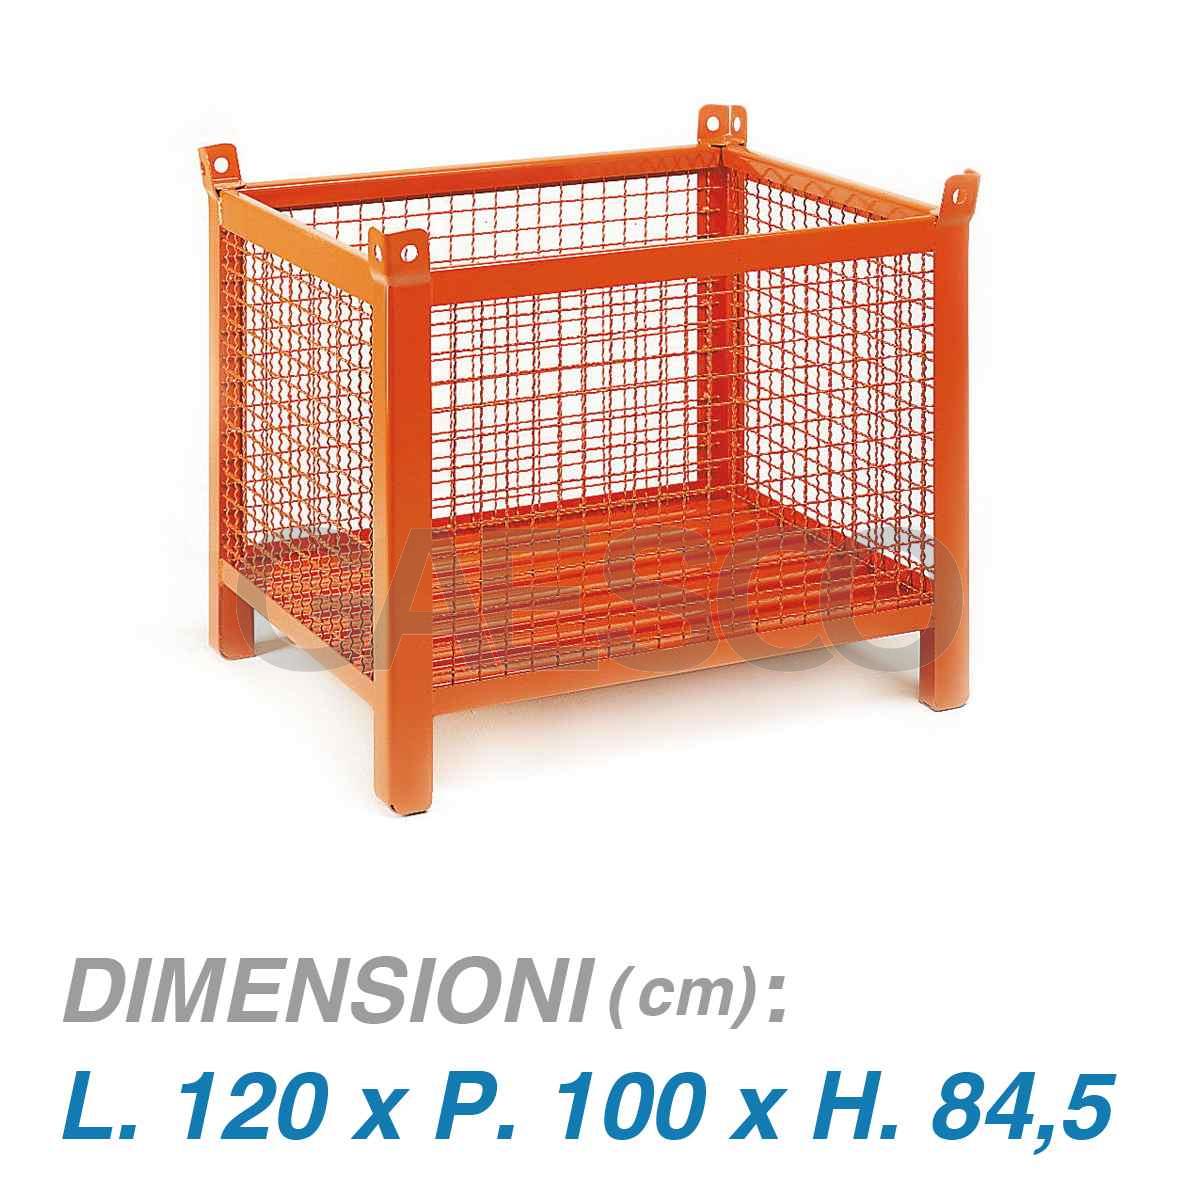 Contenitori In Ferro Per Magazzino.Contenitore Metallico Pareti Rete Dim 120x100x85 800 Kg